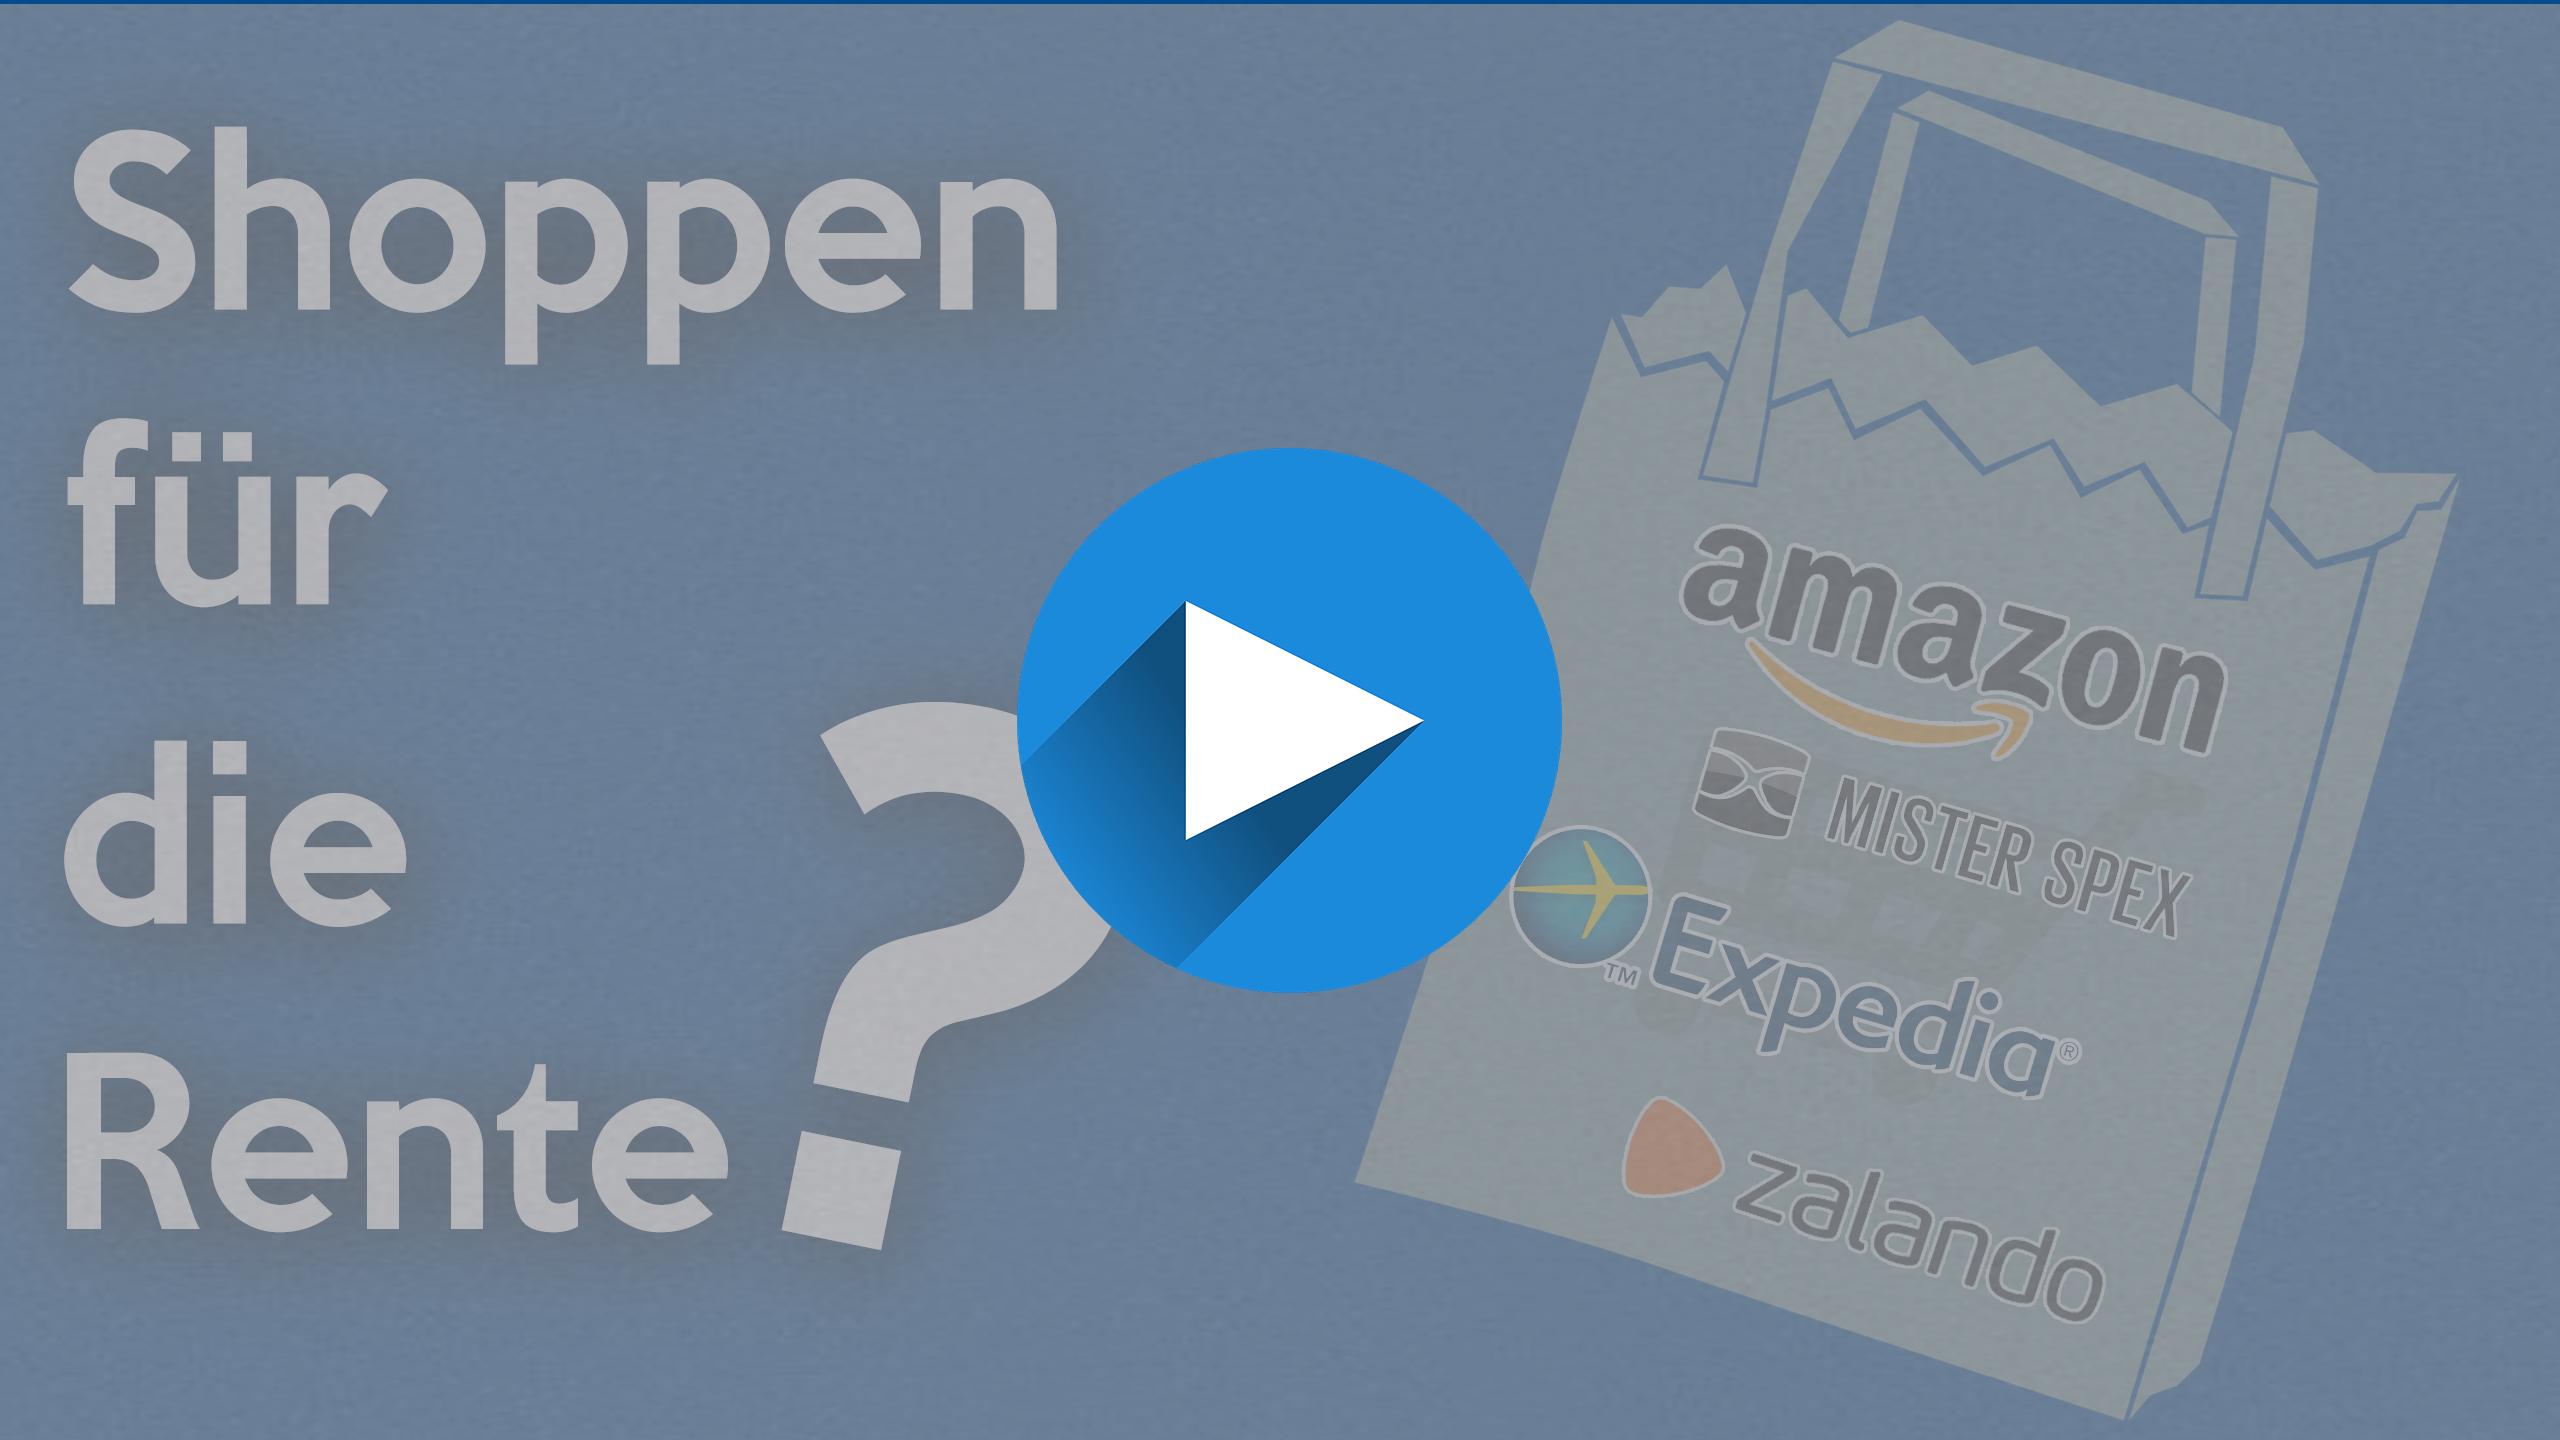 Video Cover Shoppen für die Rente 1 - Shoppen für die Rente